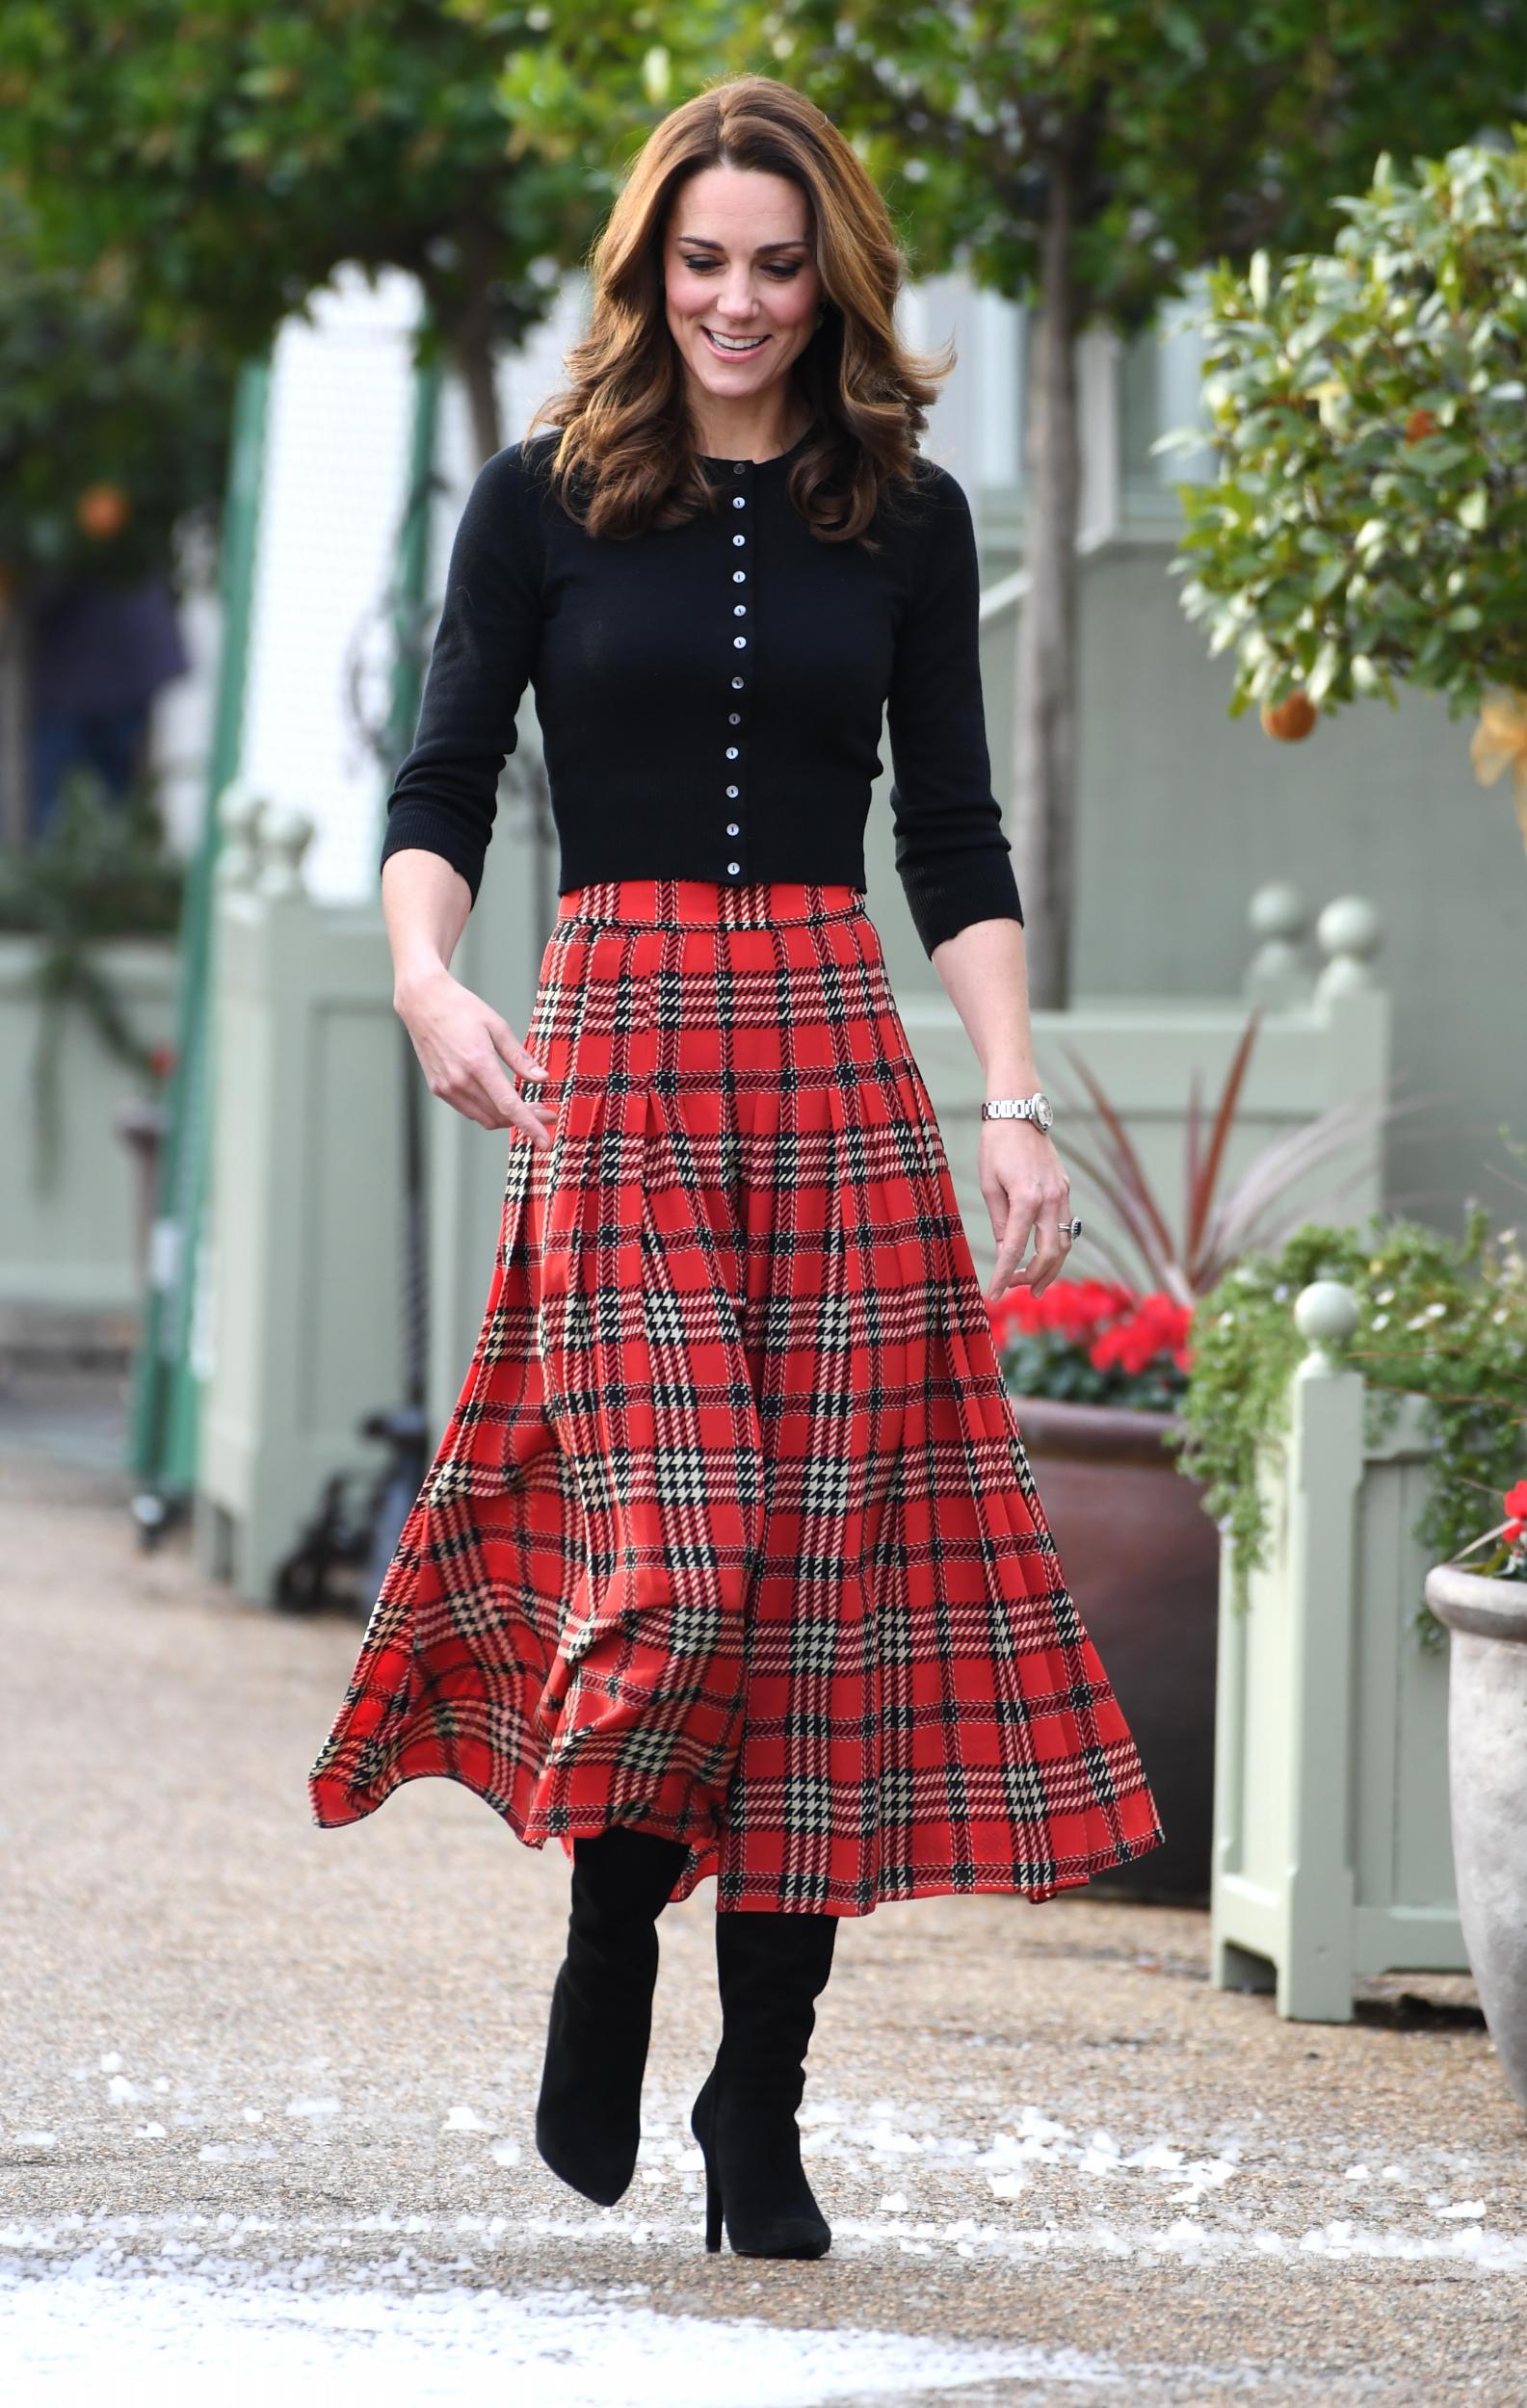 phong cách thời trang công nương kate - chân váy kẻ ô và áo thun đen